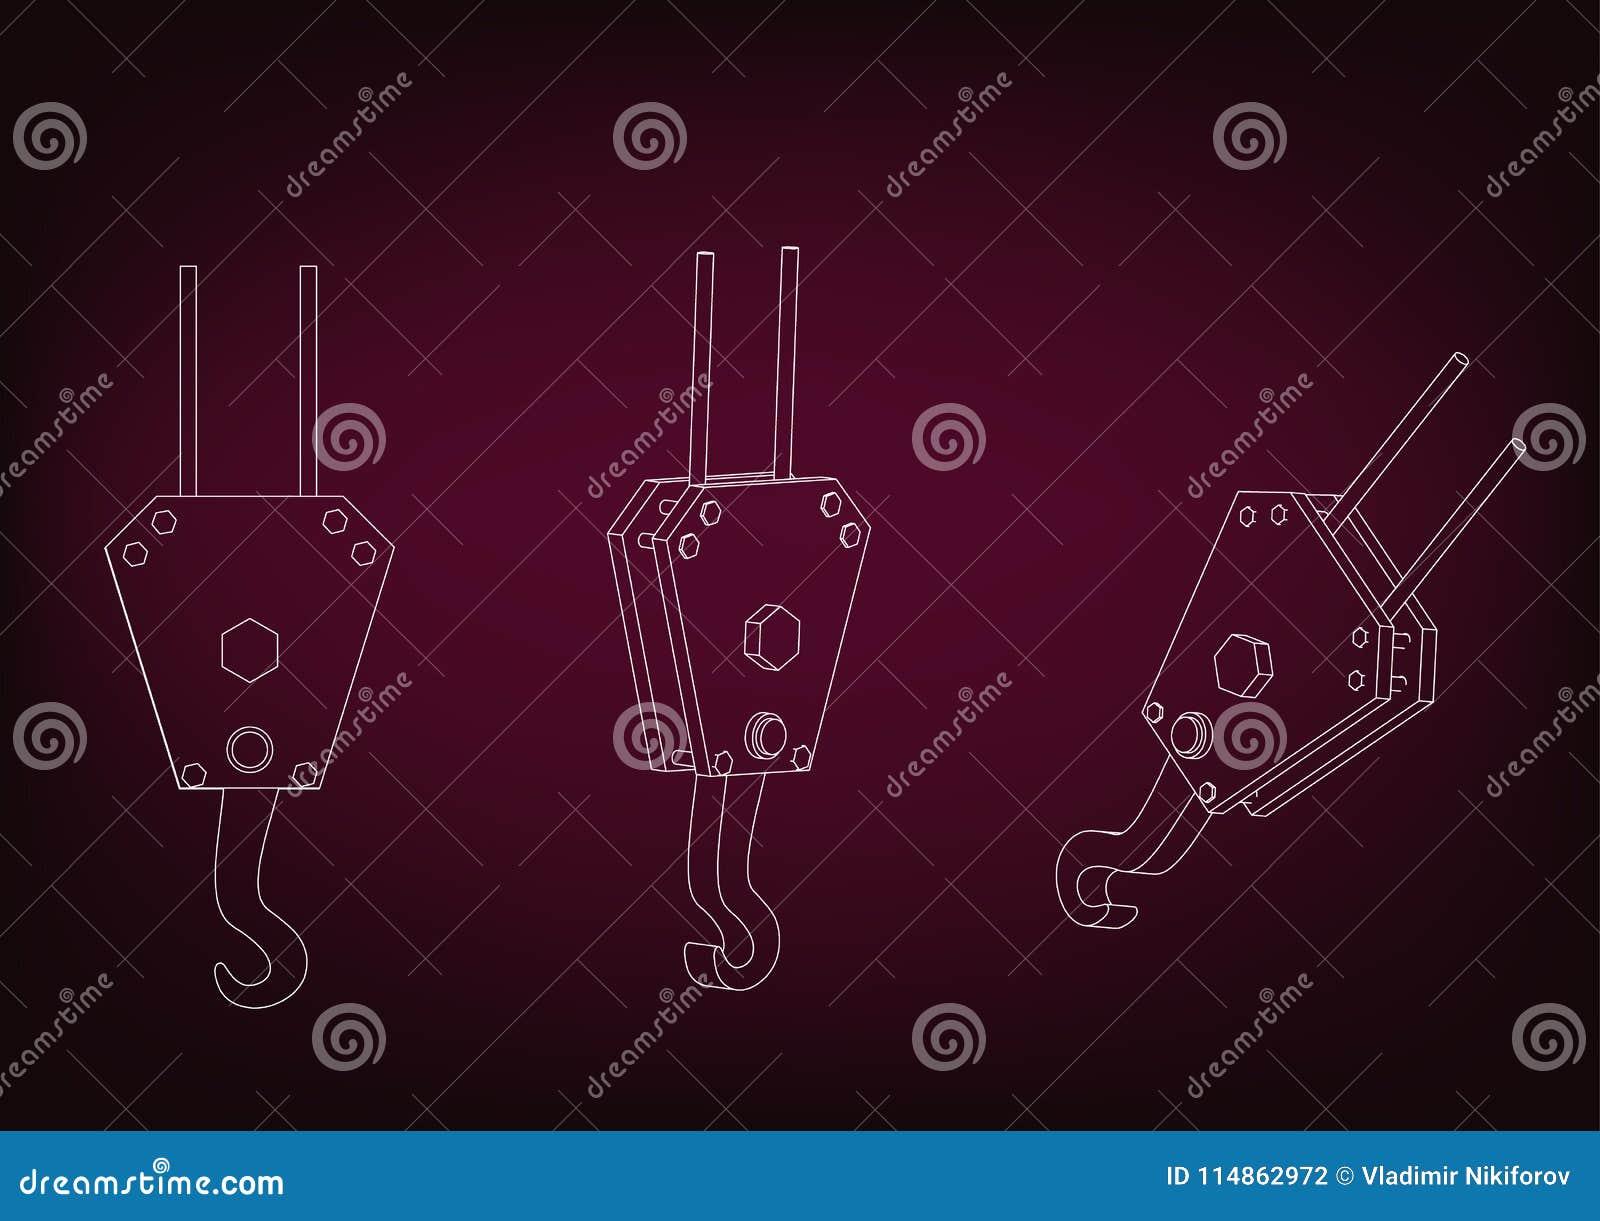 d model crane hook burgundy background drawing d model crane hook 114862972 3d model of a crane hook stock vector illustration of load 114862972